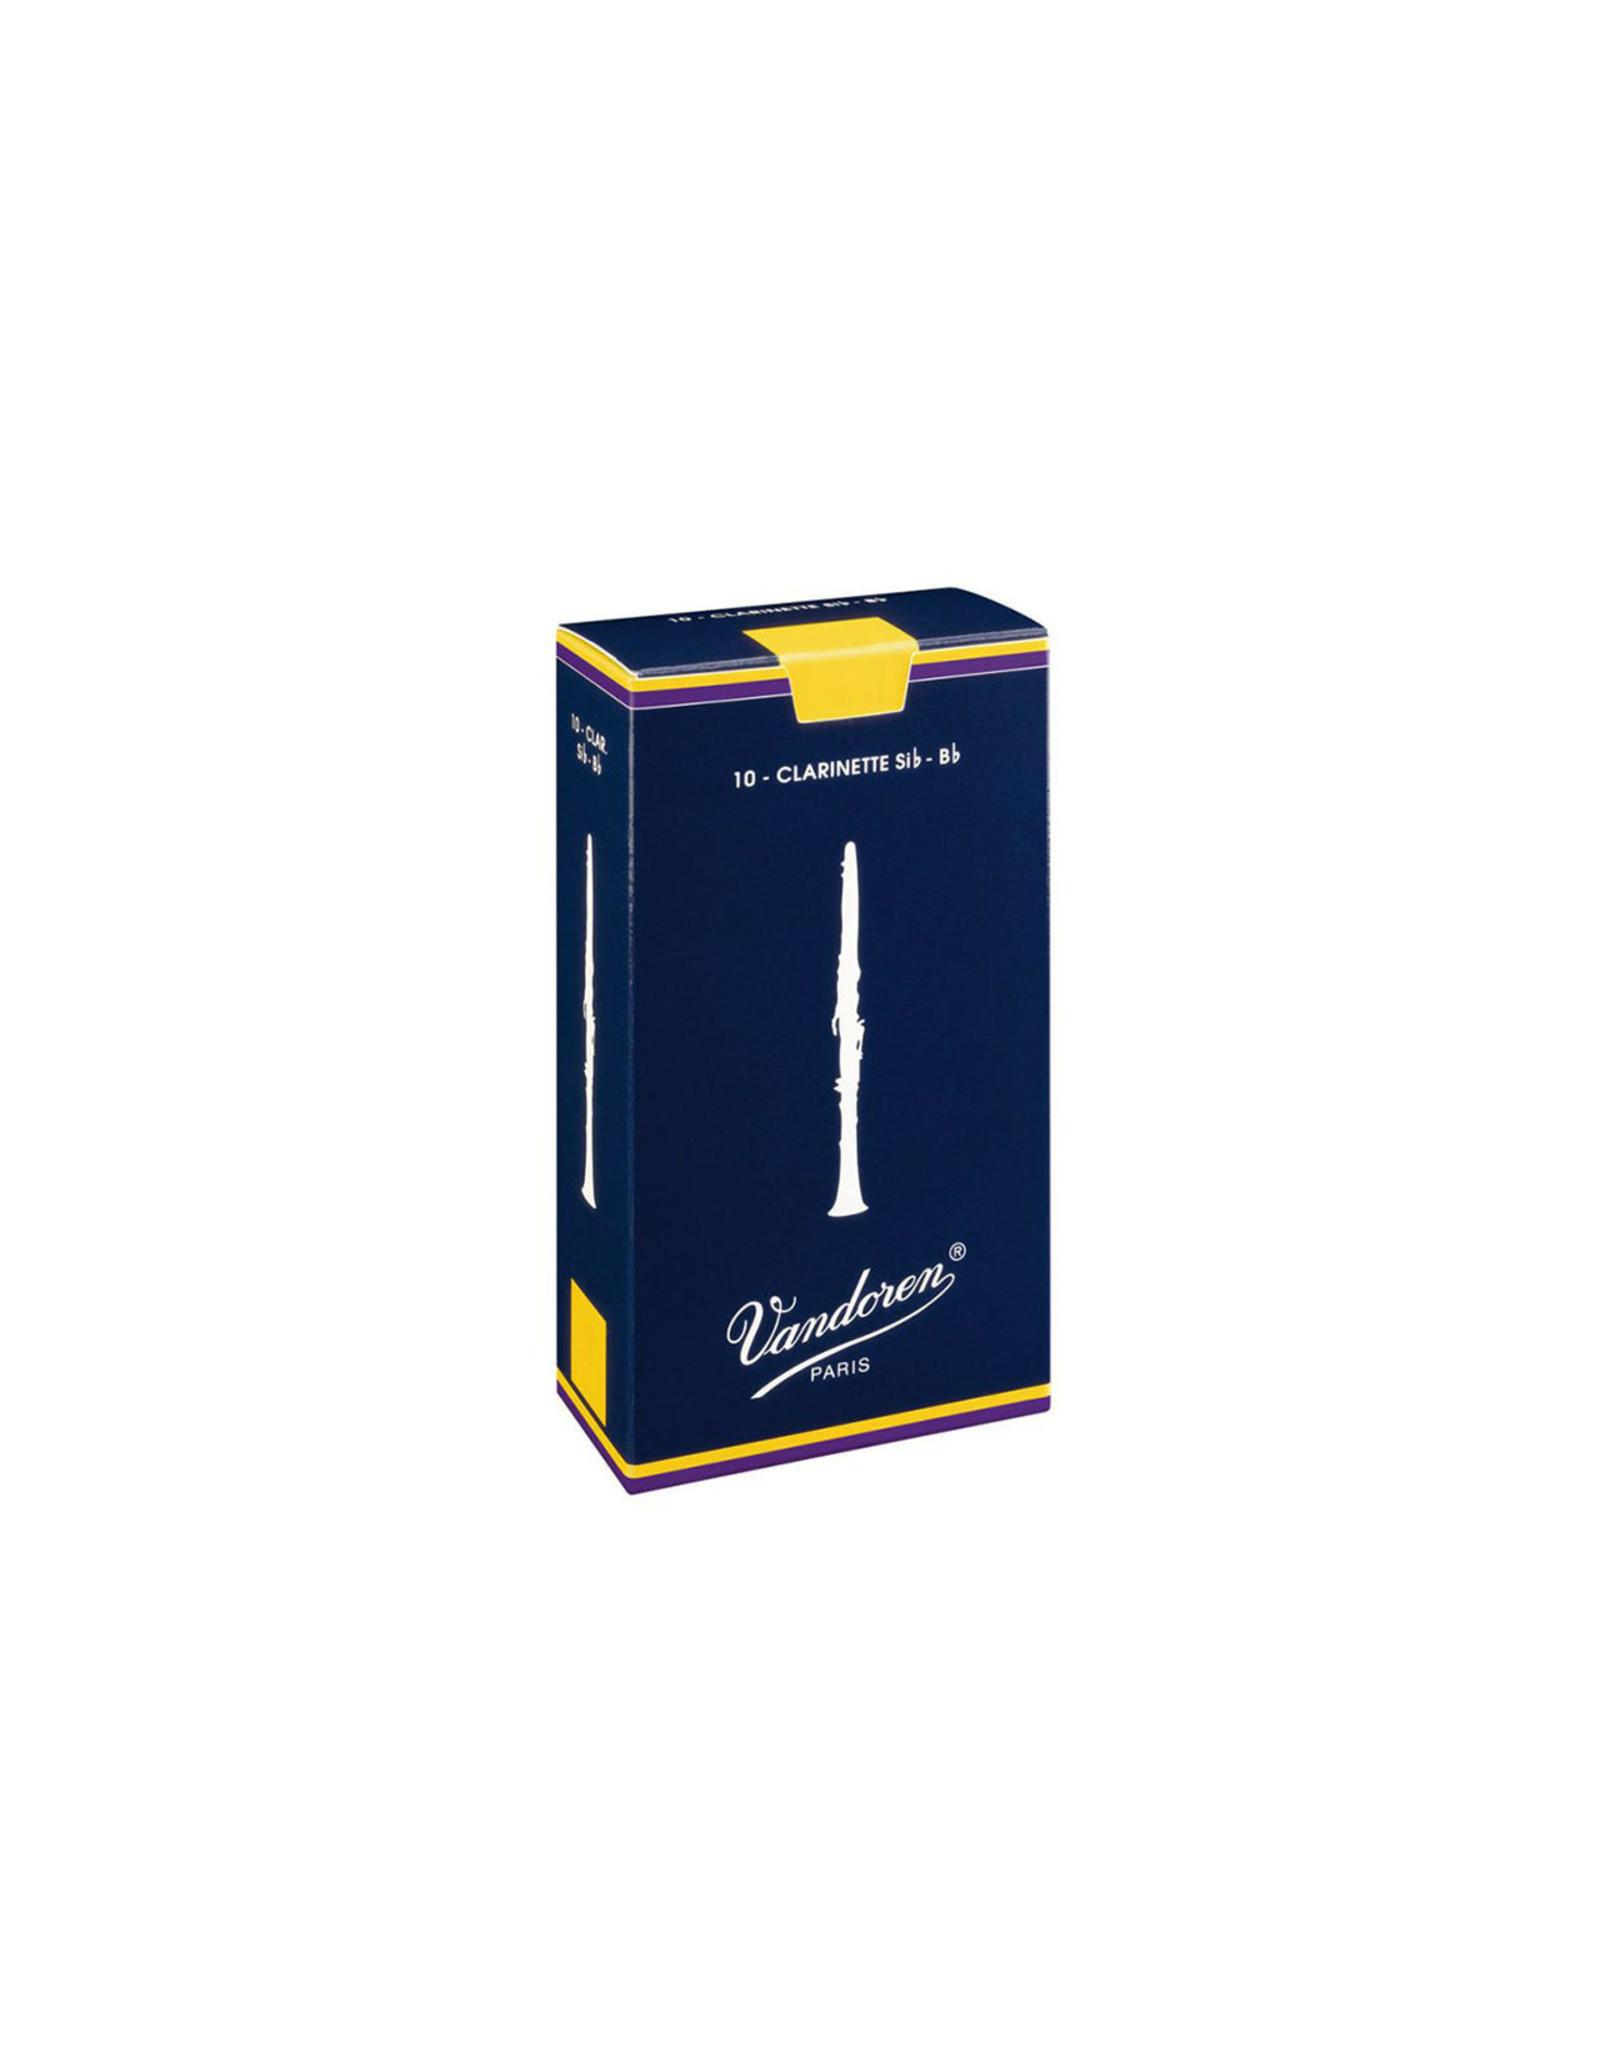 Vandoren Vandoren Traditional Bb Clarinet Reeds Box of 10